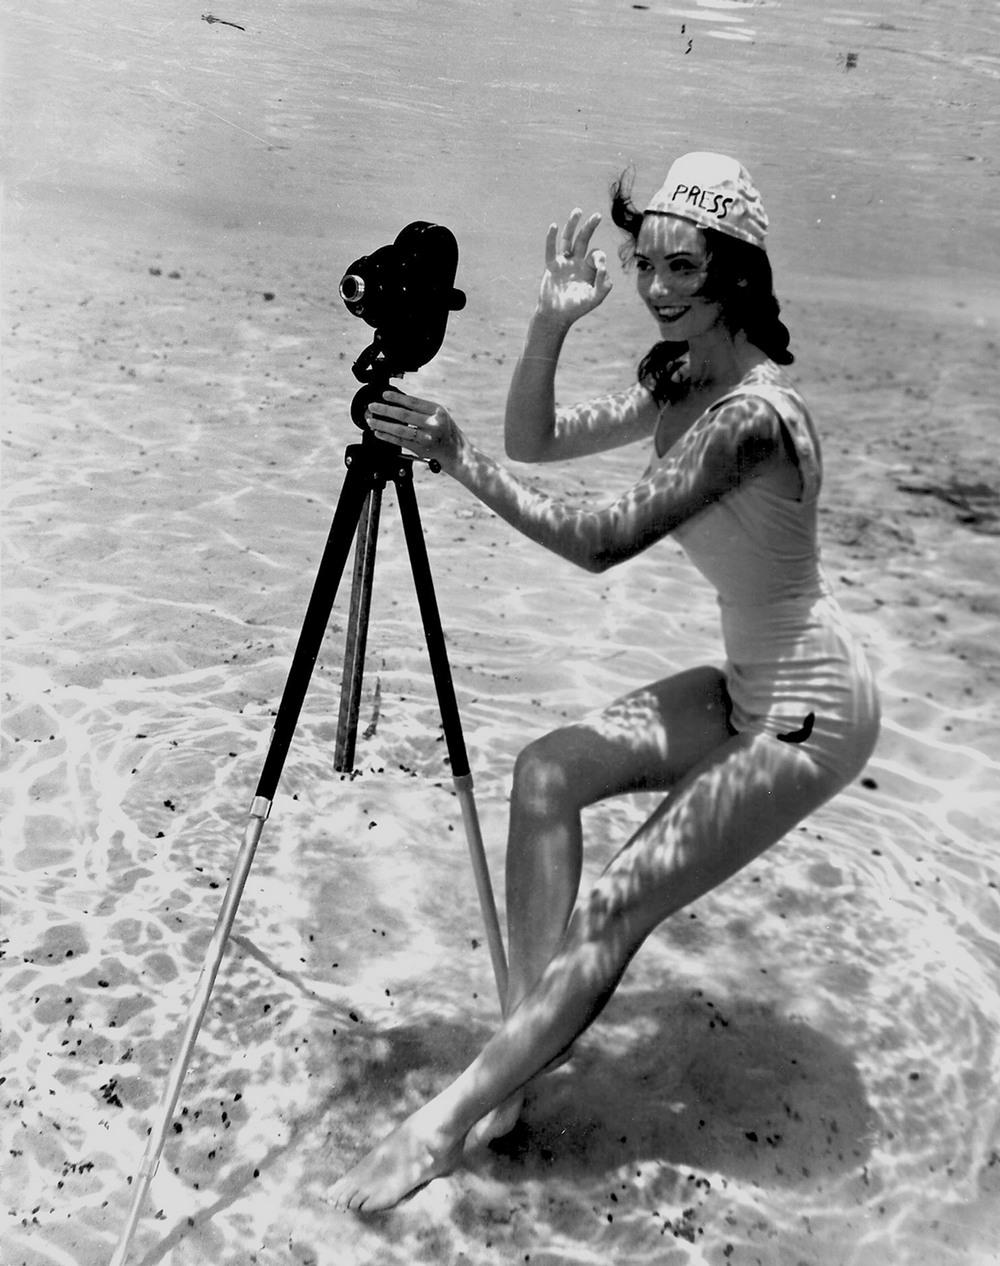 Пин-ап фотосессия 1938 года от пионера подводной фотографии Брюса Мозерта 8